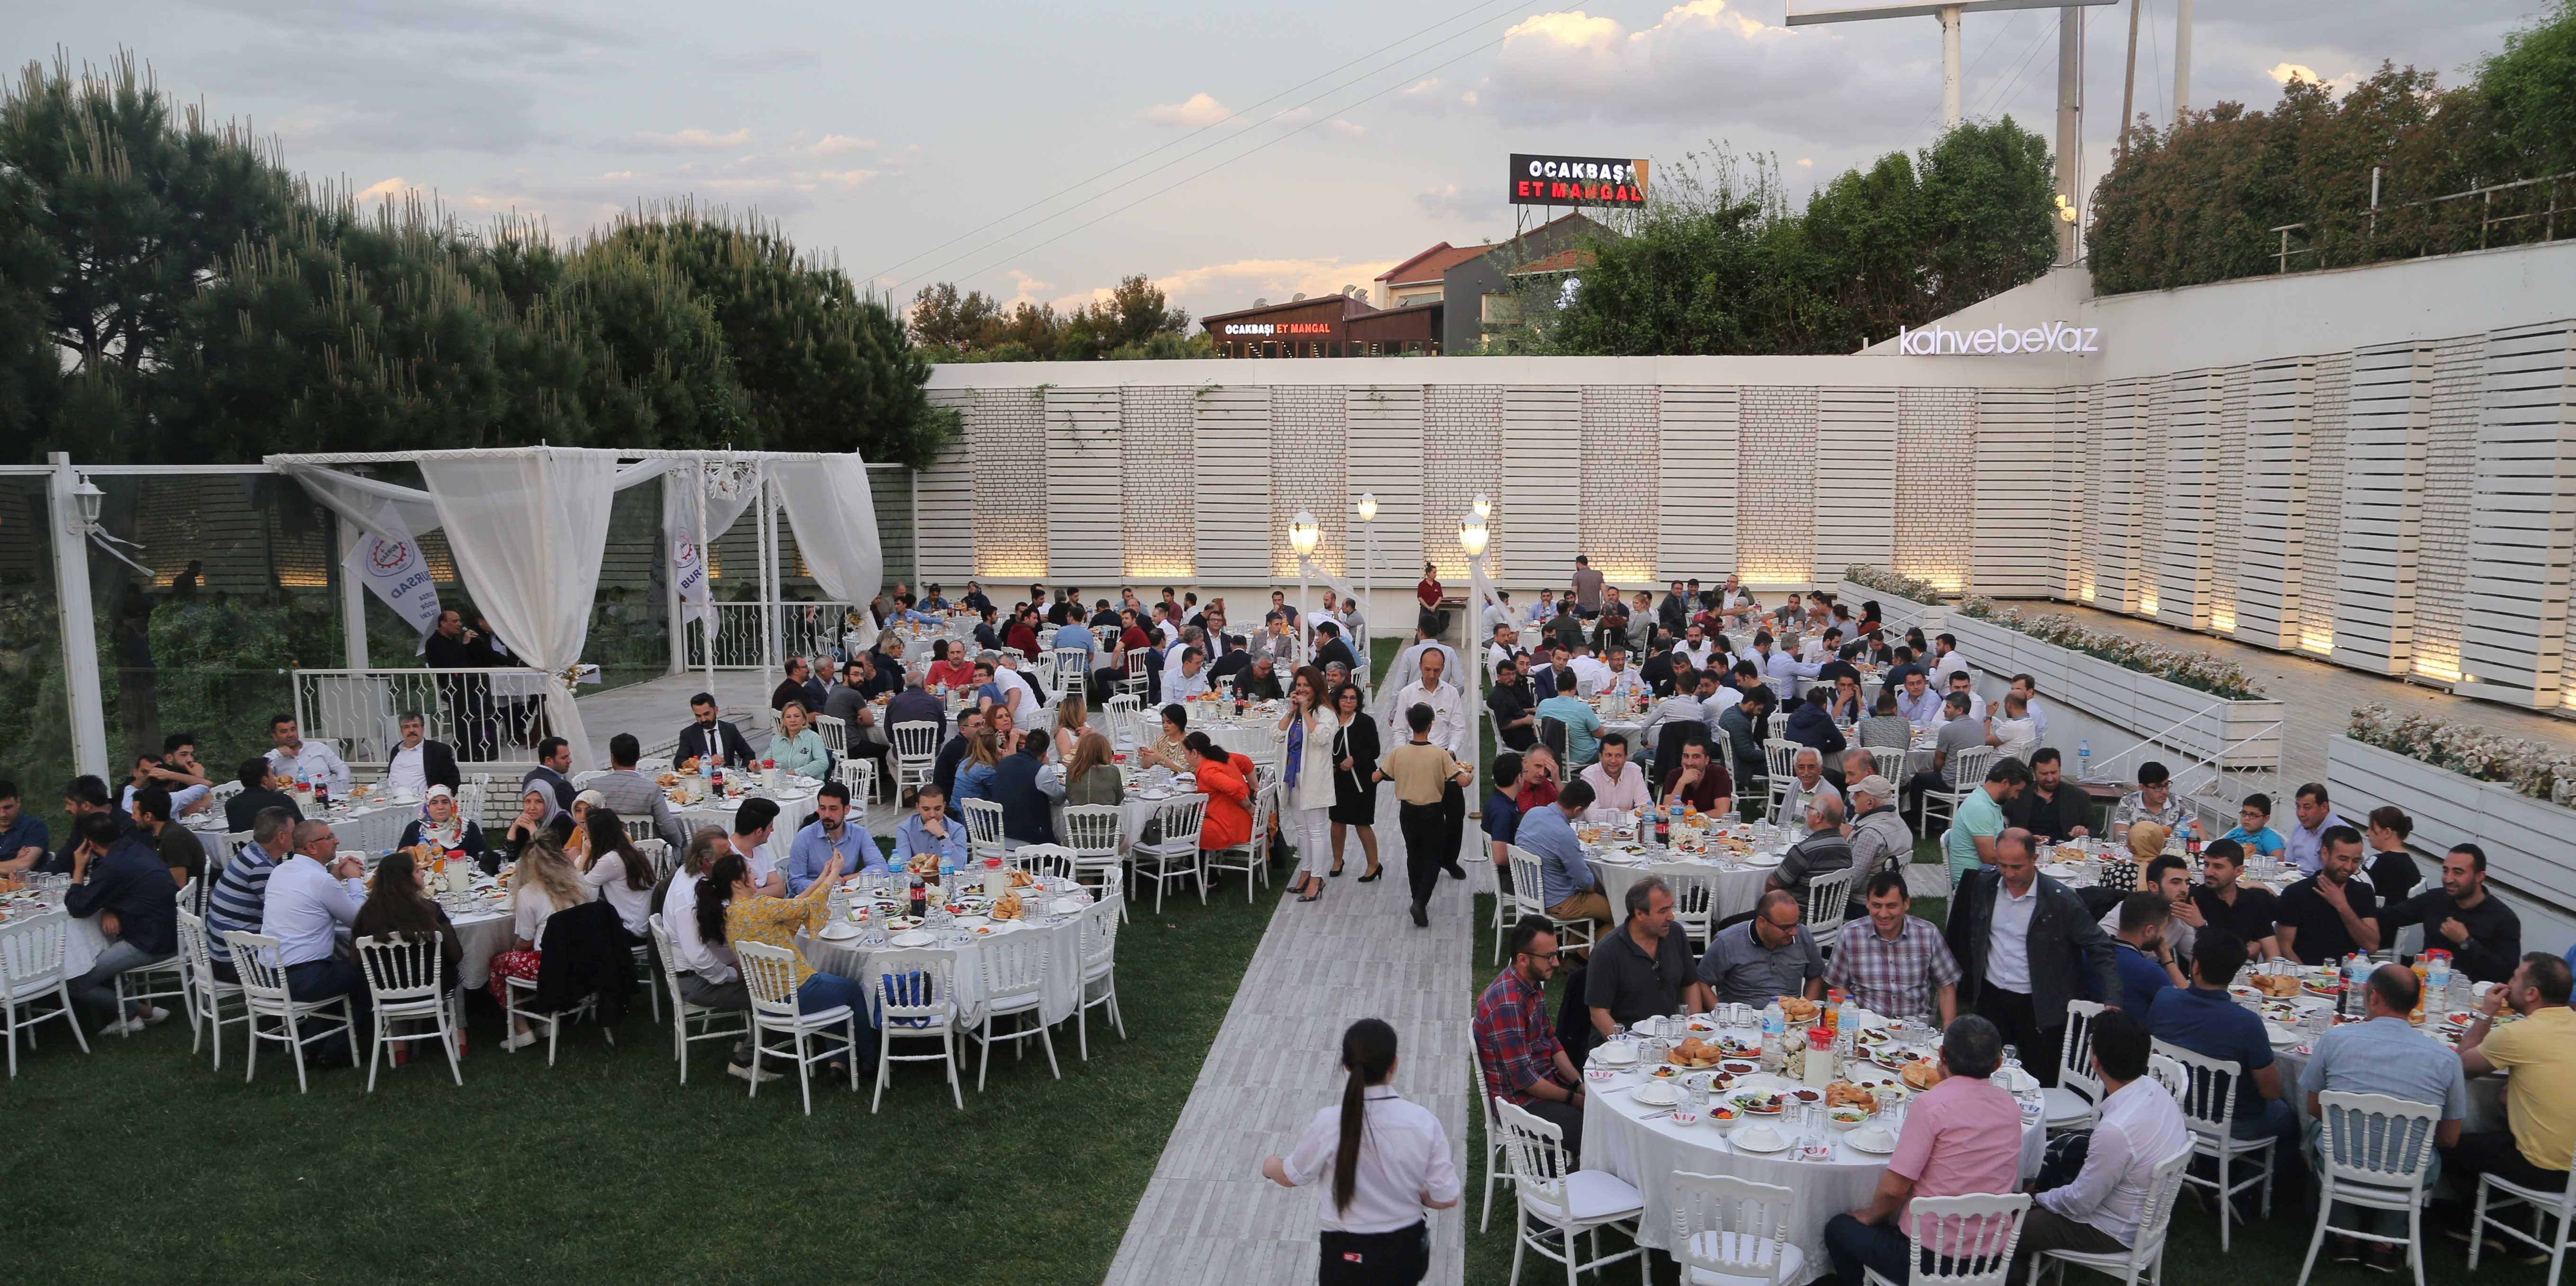 Geleneksel İftar Yemeğimiz 21 Mayıs Salı Günü Kahve Beyaz Mudanya ilçesinde  gerçekleştirildi.